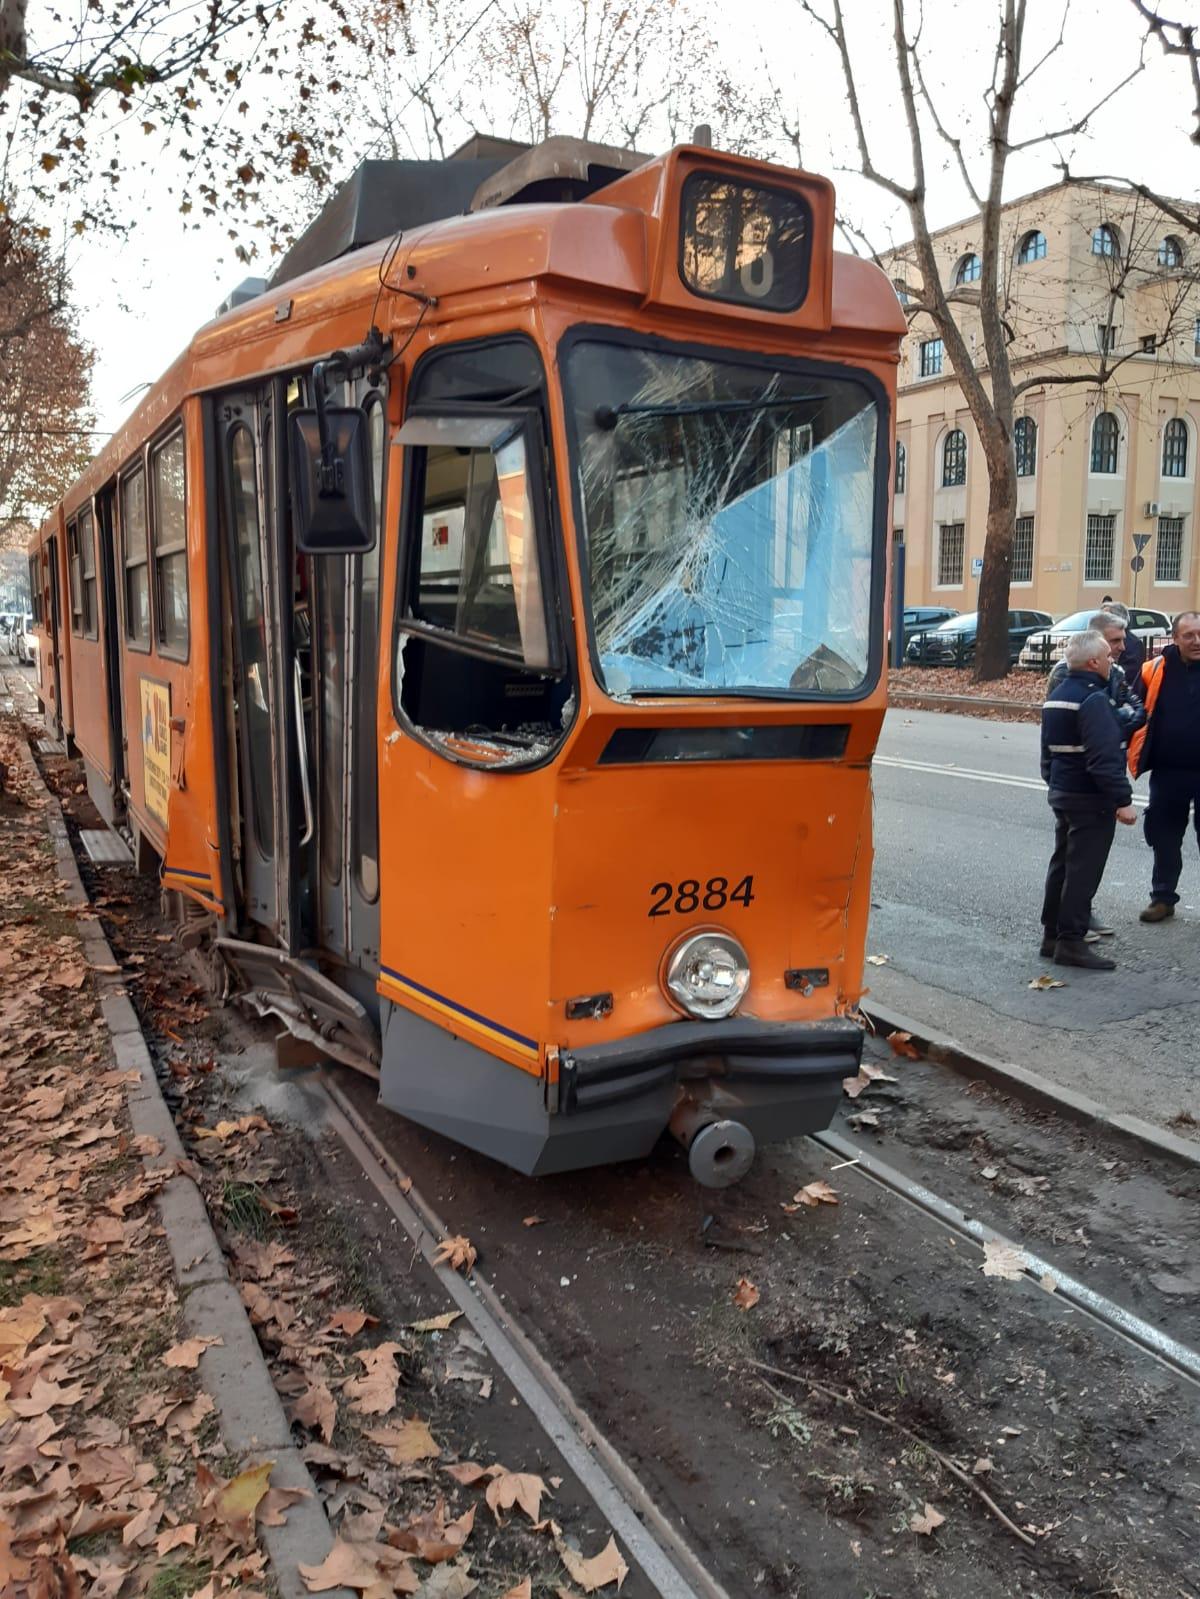 Scontro tra due tram a Torino: 14 feriti (compreso il manovr